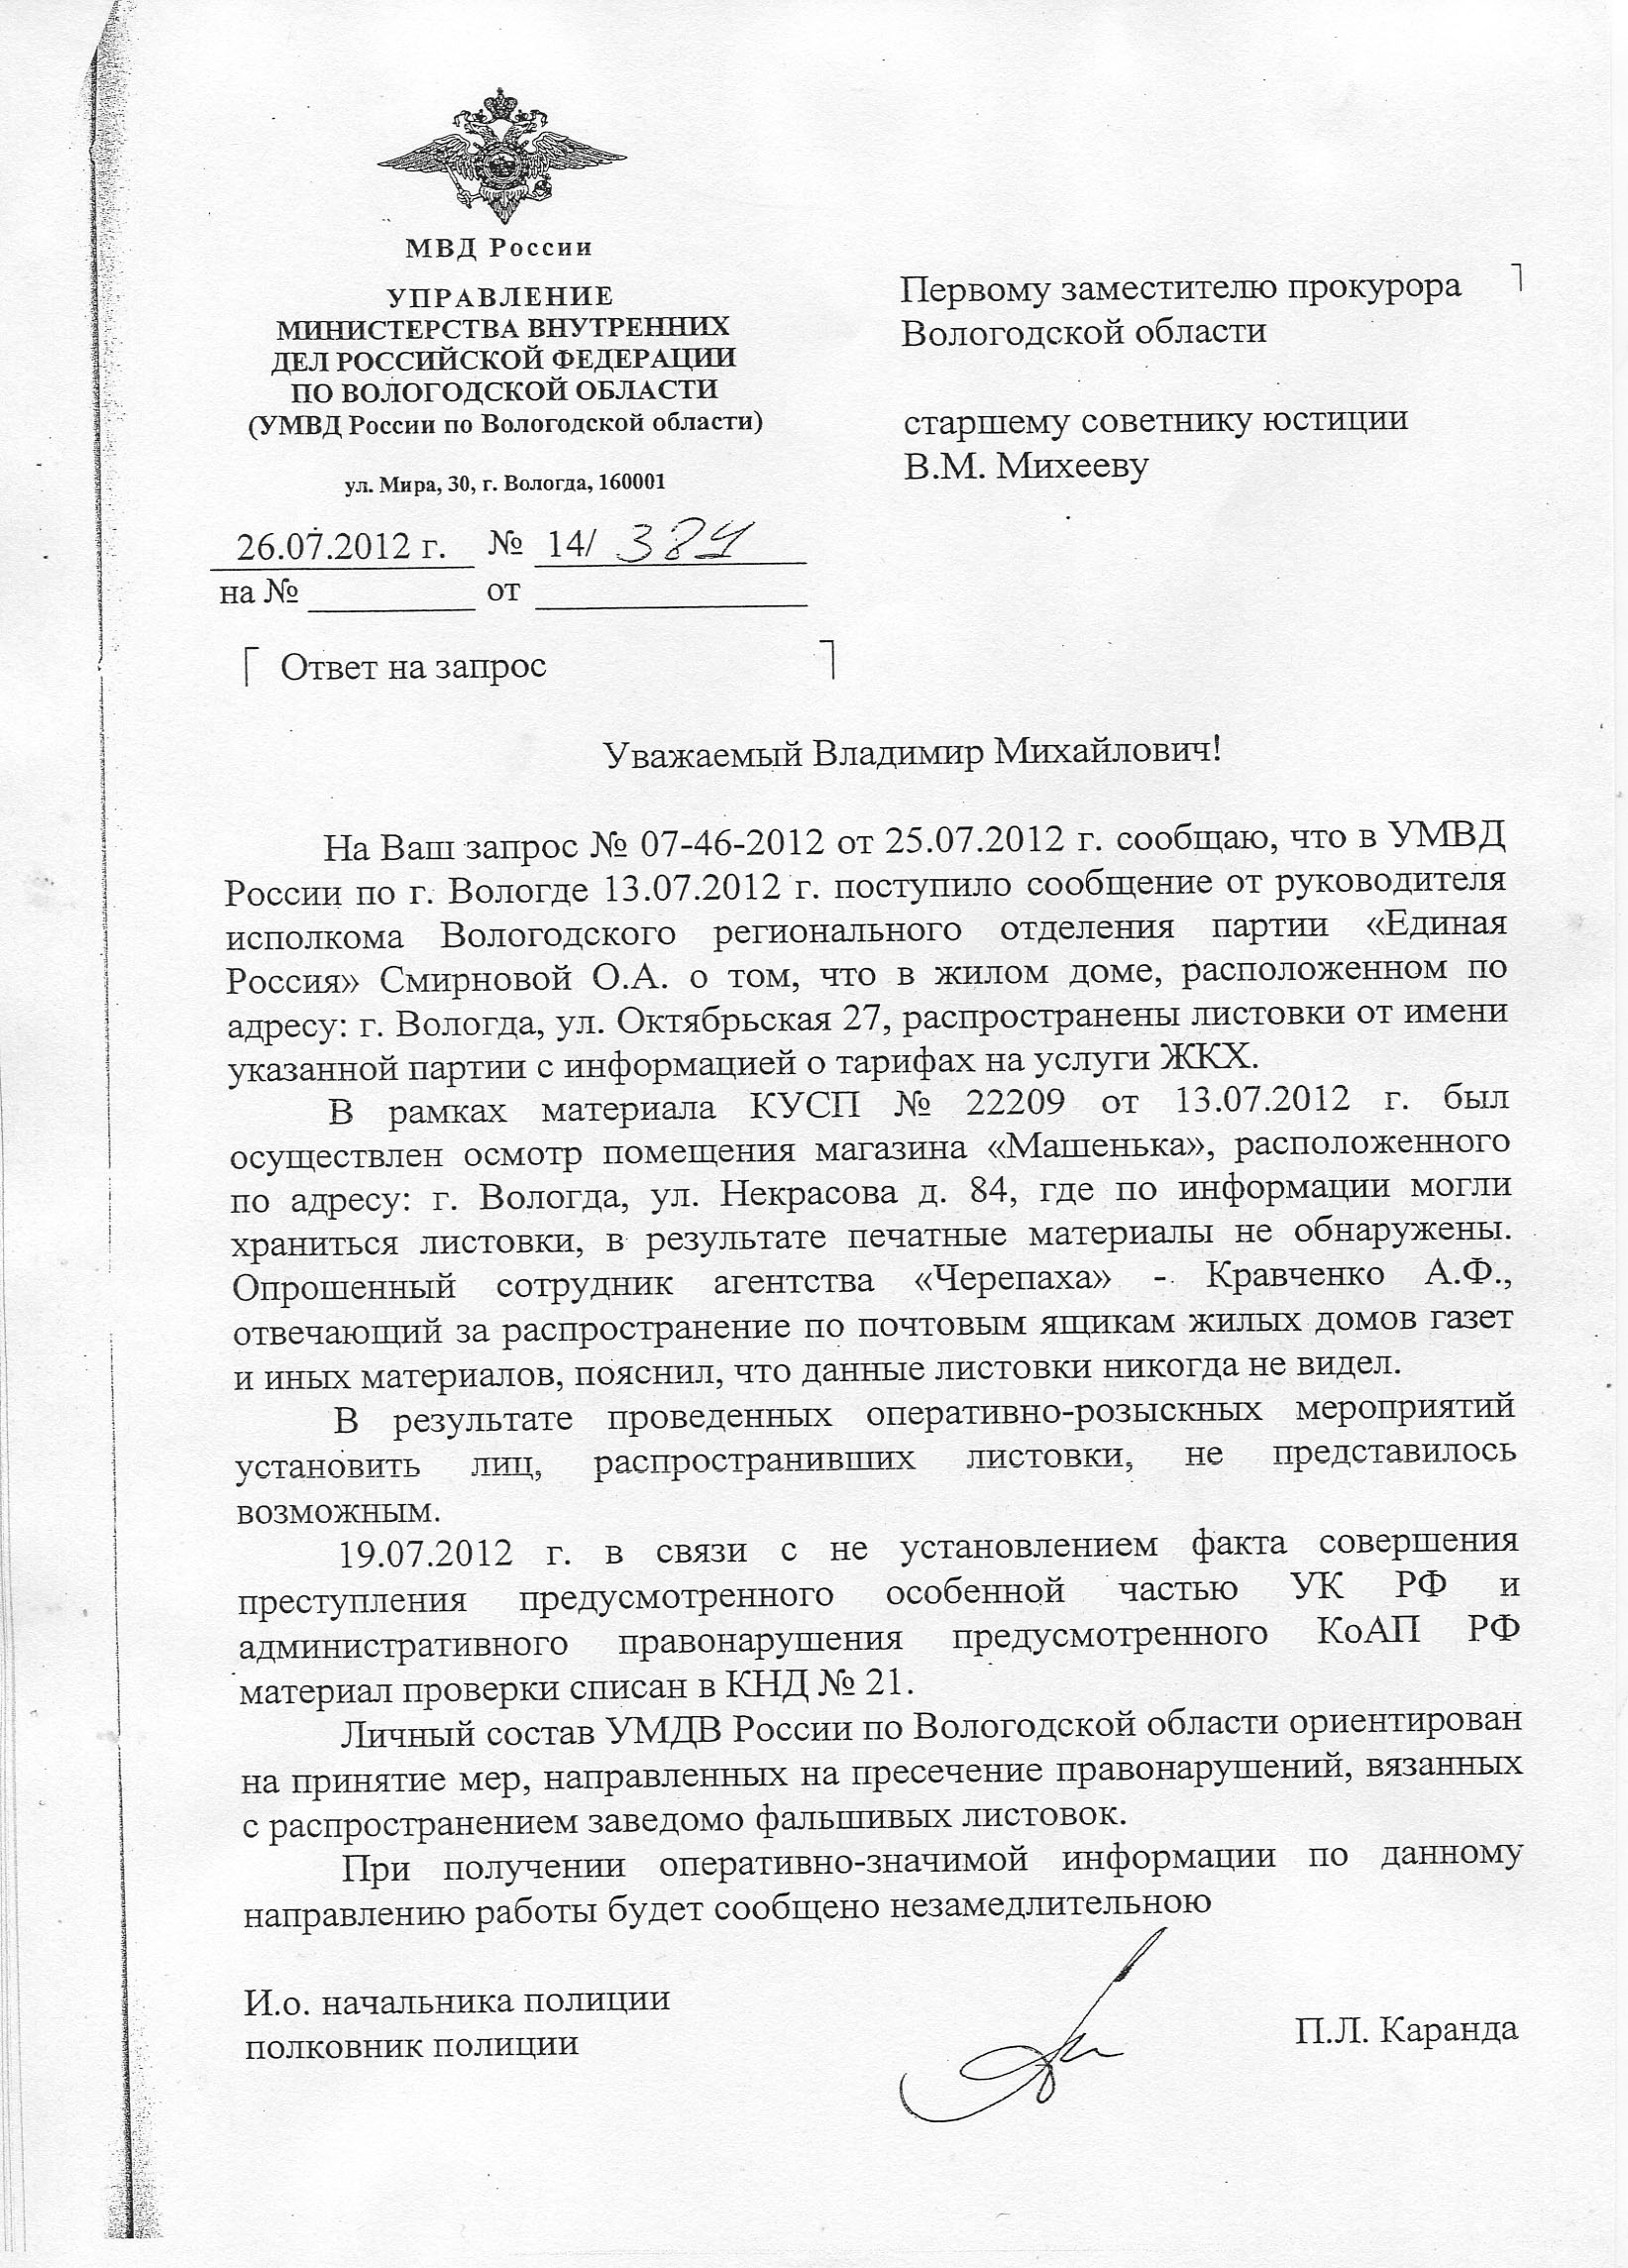 Материалы УД по листовке ЕР_Движение Вместе-64